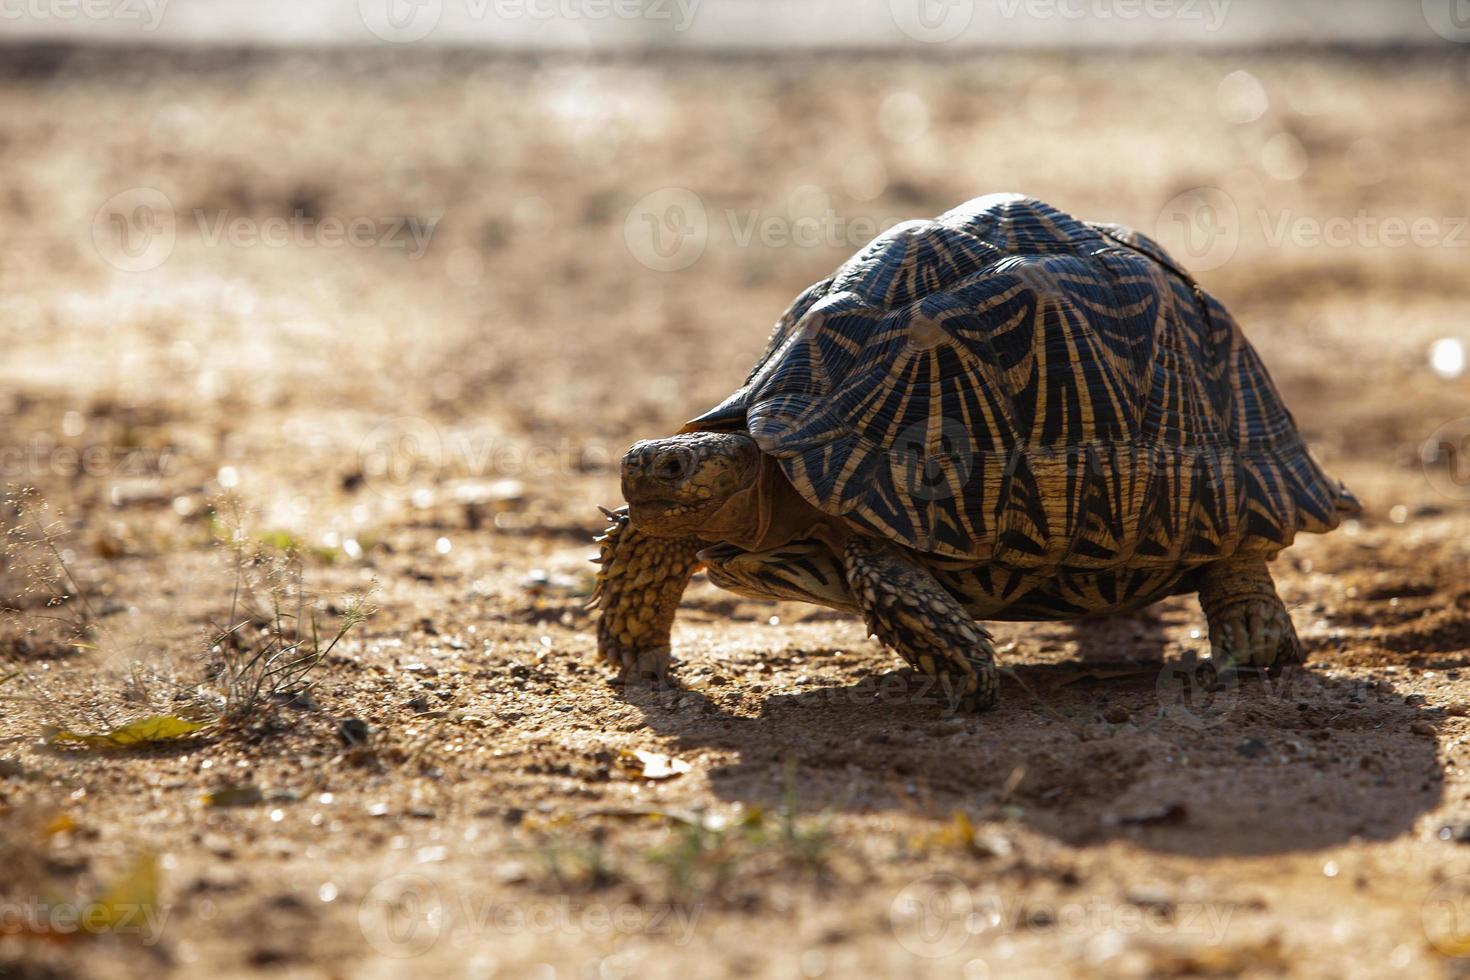 terraferma turtoise in sri lanka foto